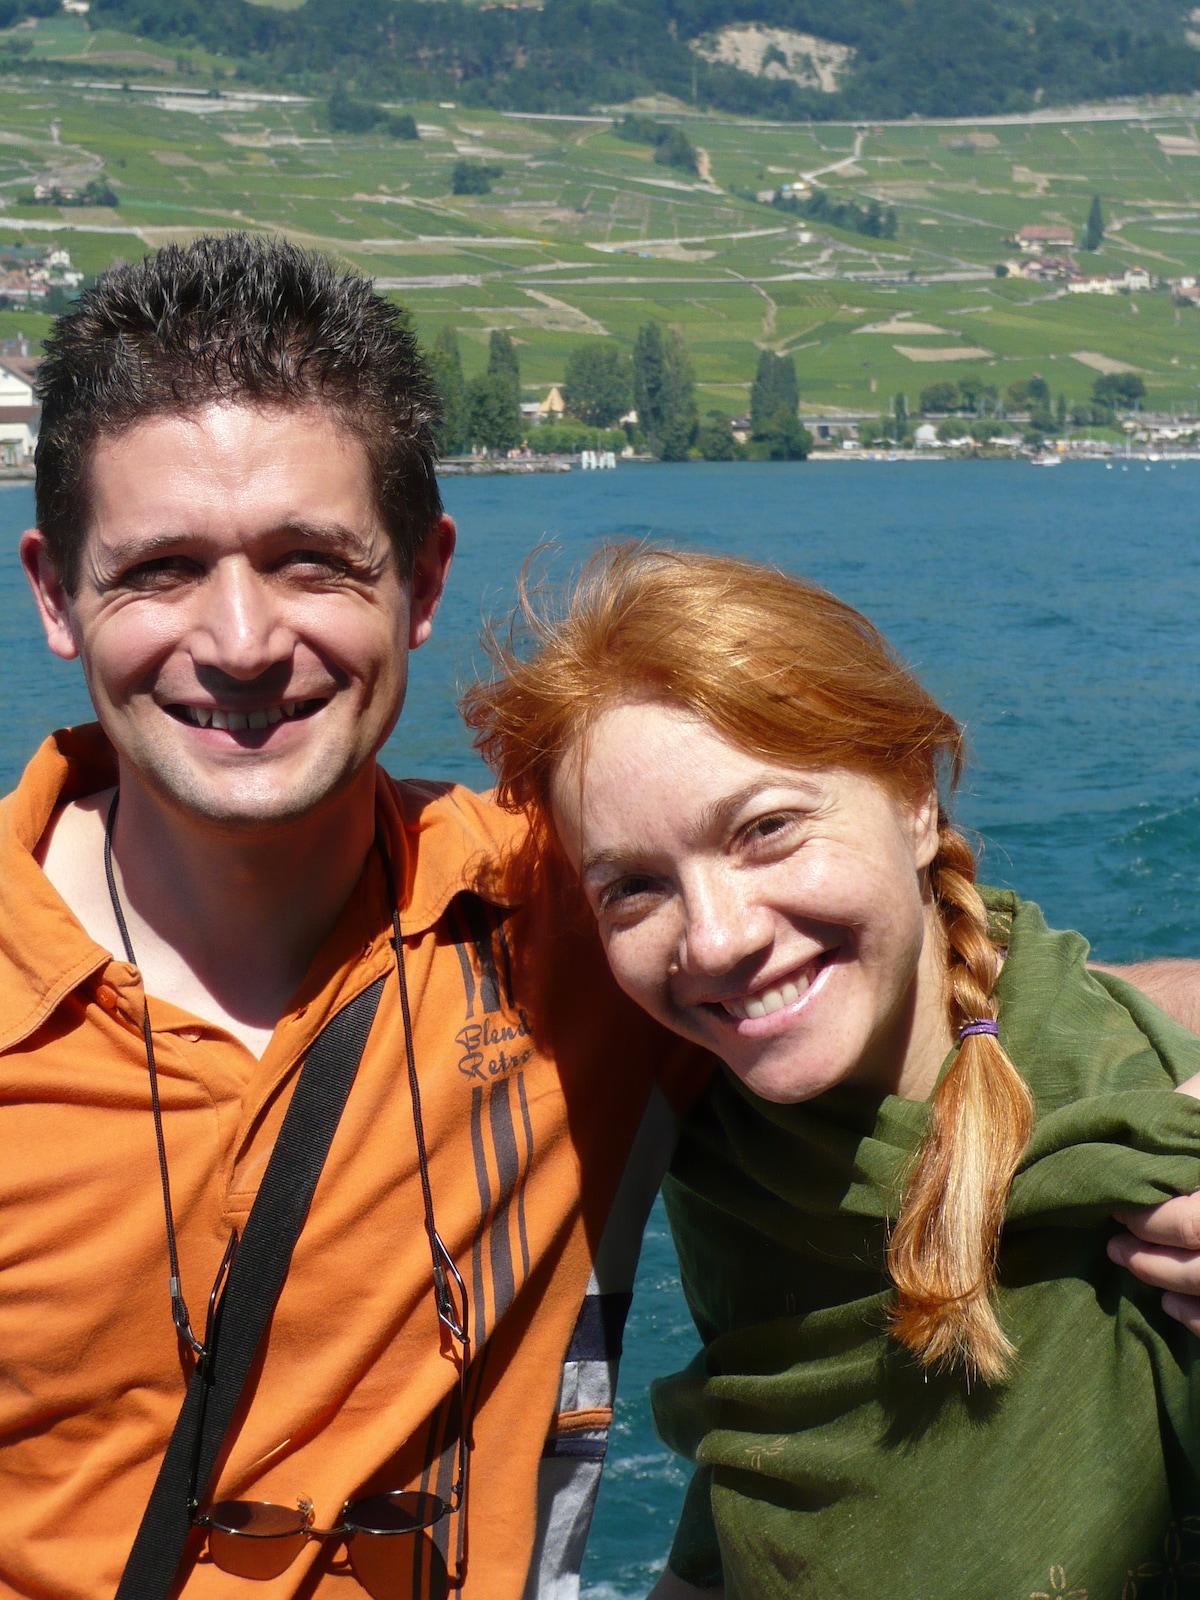 Liliana / Daniel from London